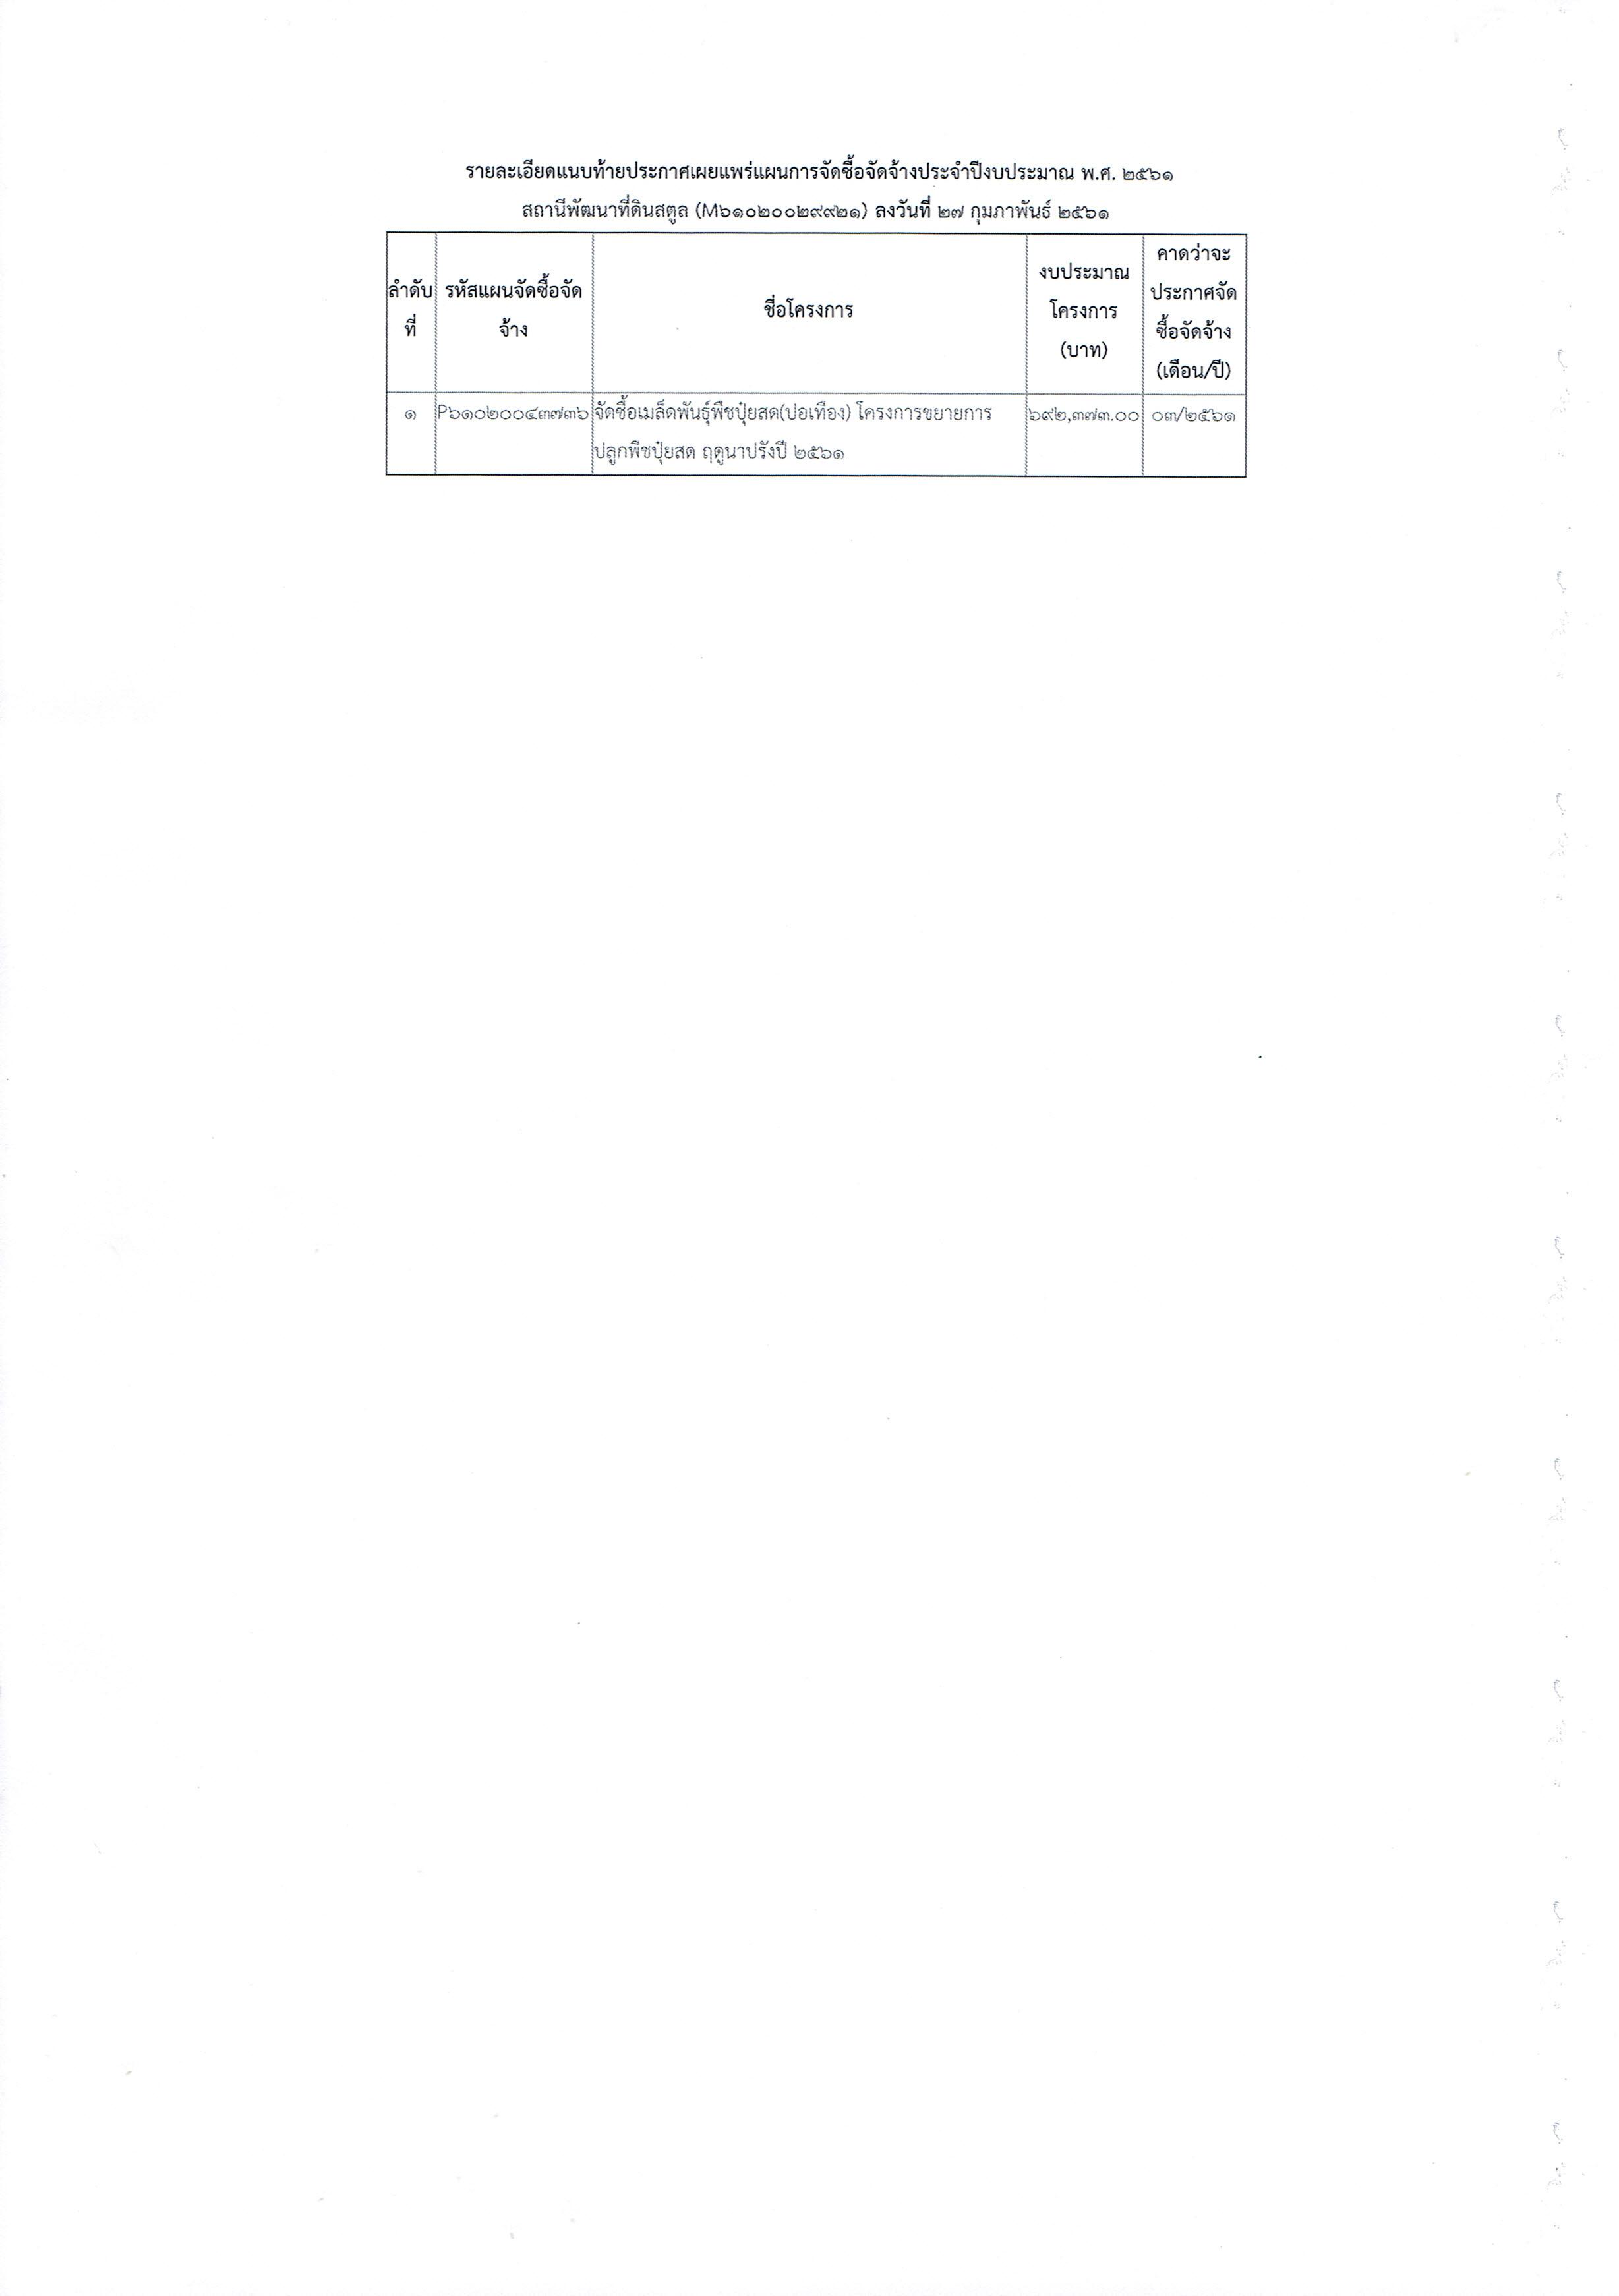 เผยแพร่แผนการจัดซื้อจัดจ้าง ประจำปีงบประมาณ พ.ศ. 2561 - 2